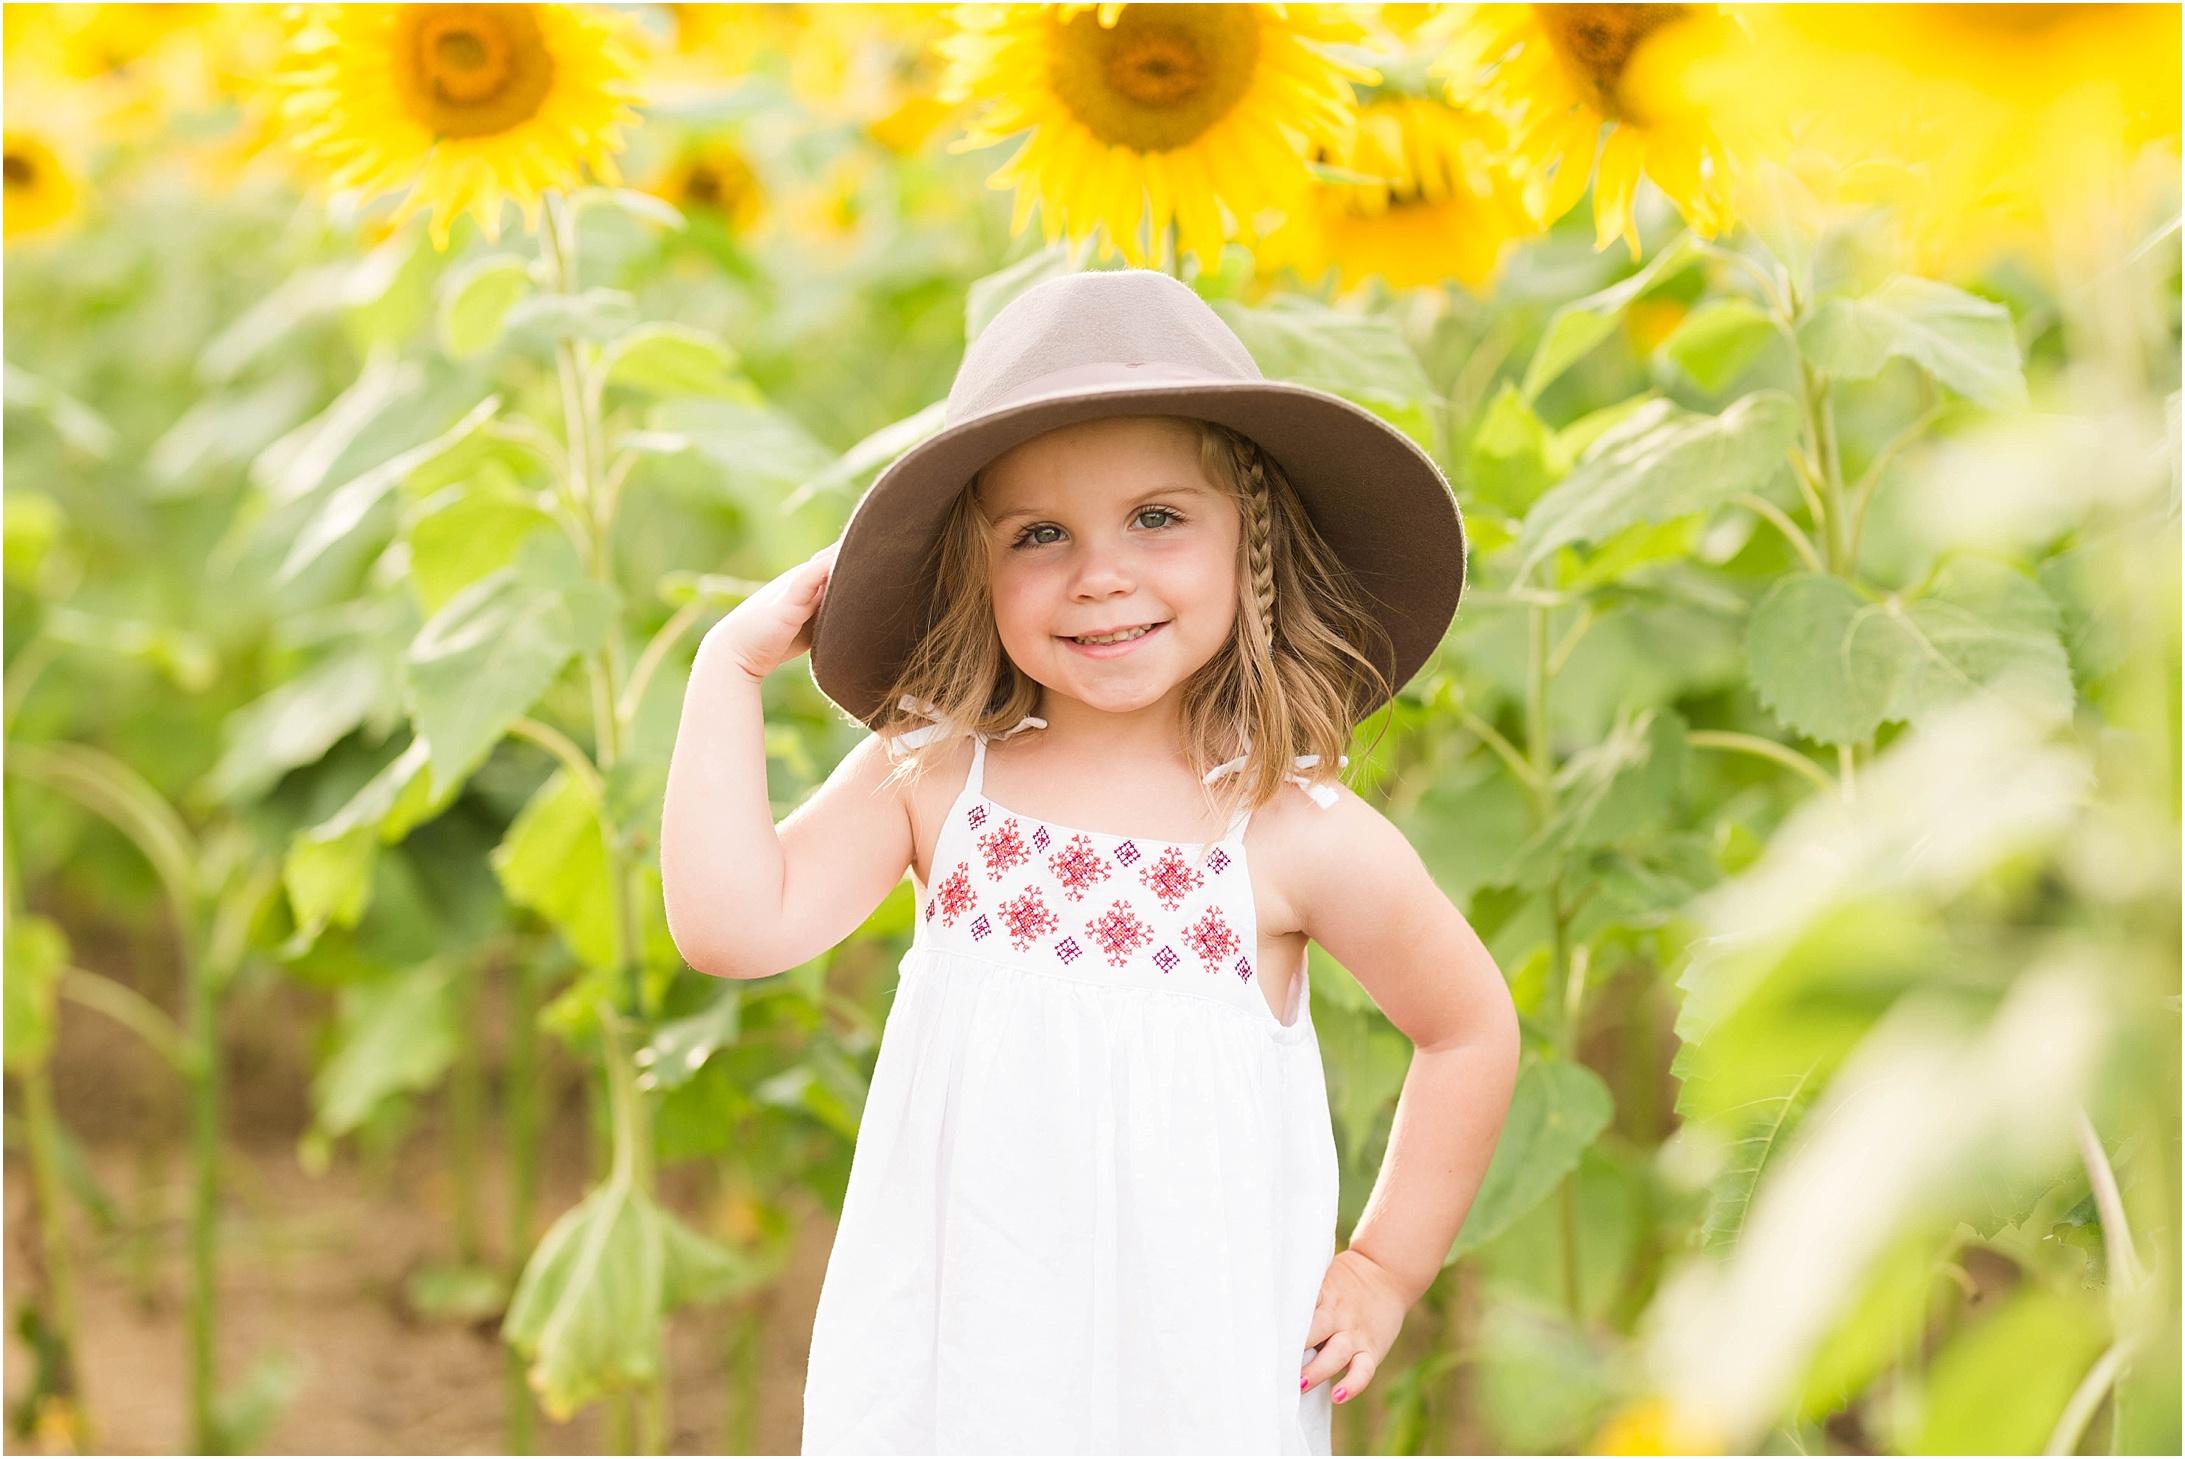 carroll-county-photographer-sunflower-field-16.jpg